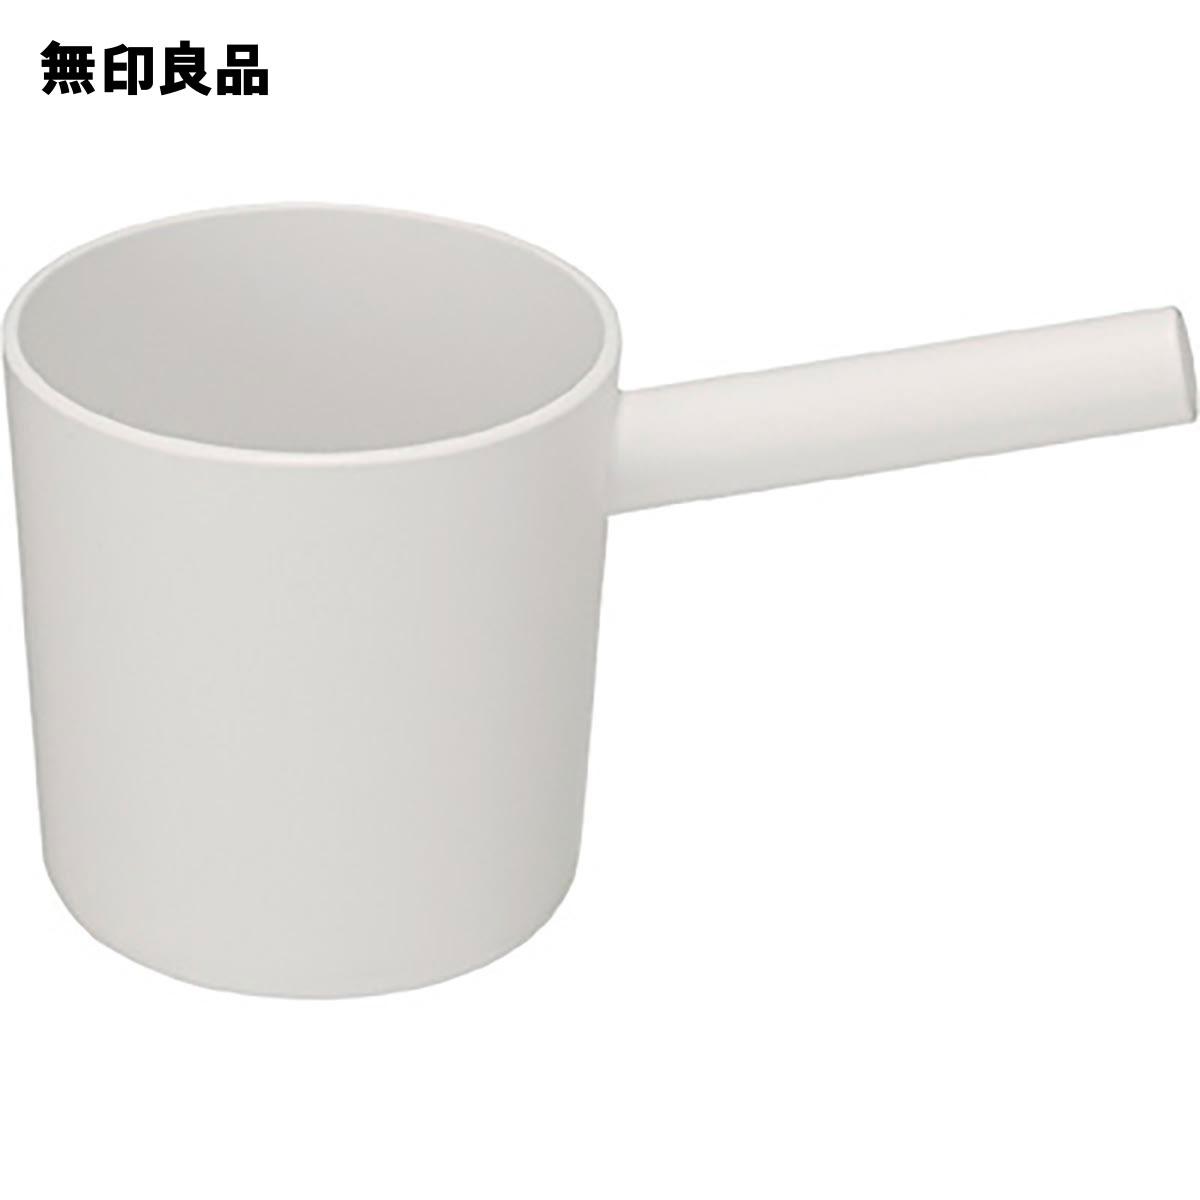 【無印良品 公式】ポリプロピレン片手桶約13.5×26×高さ14.5cm